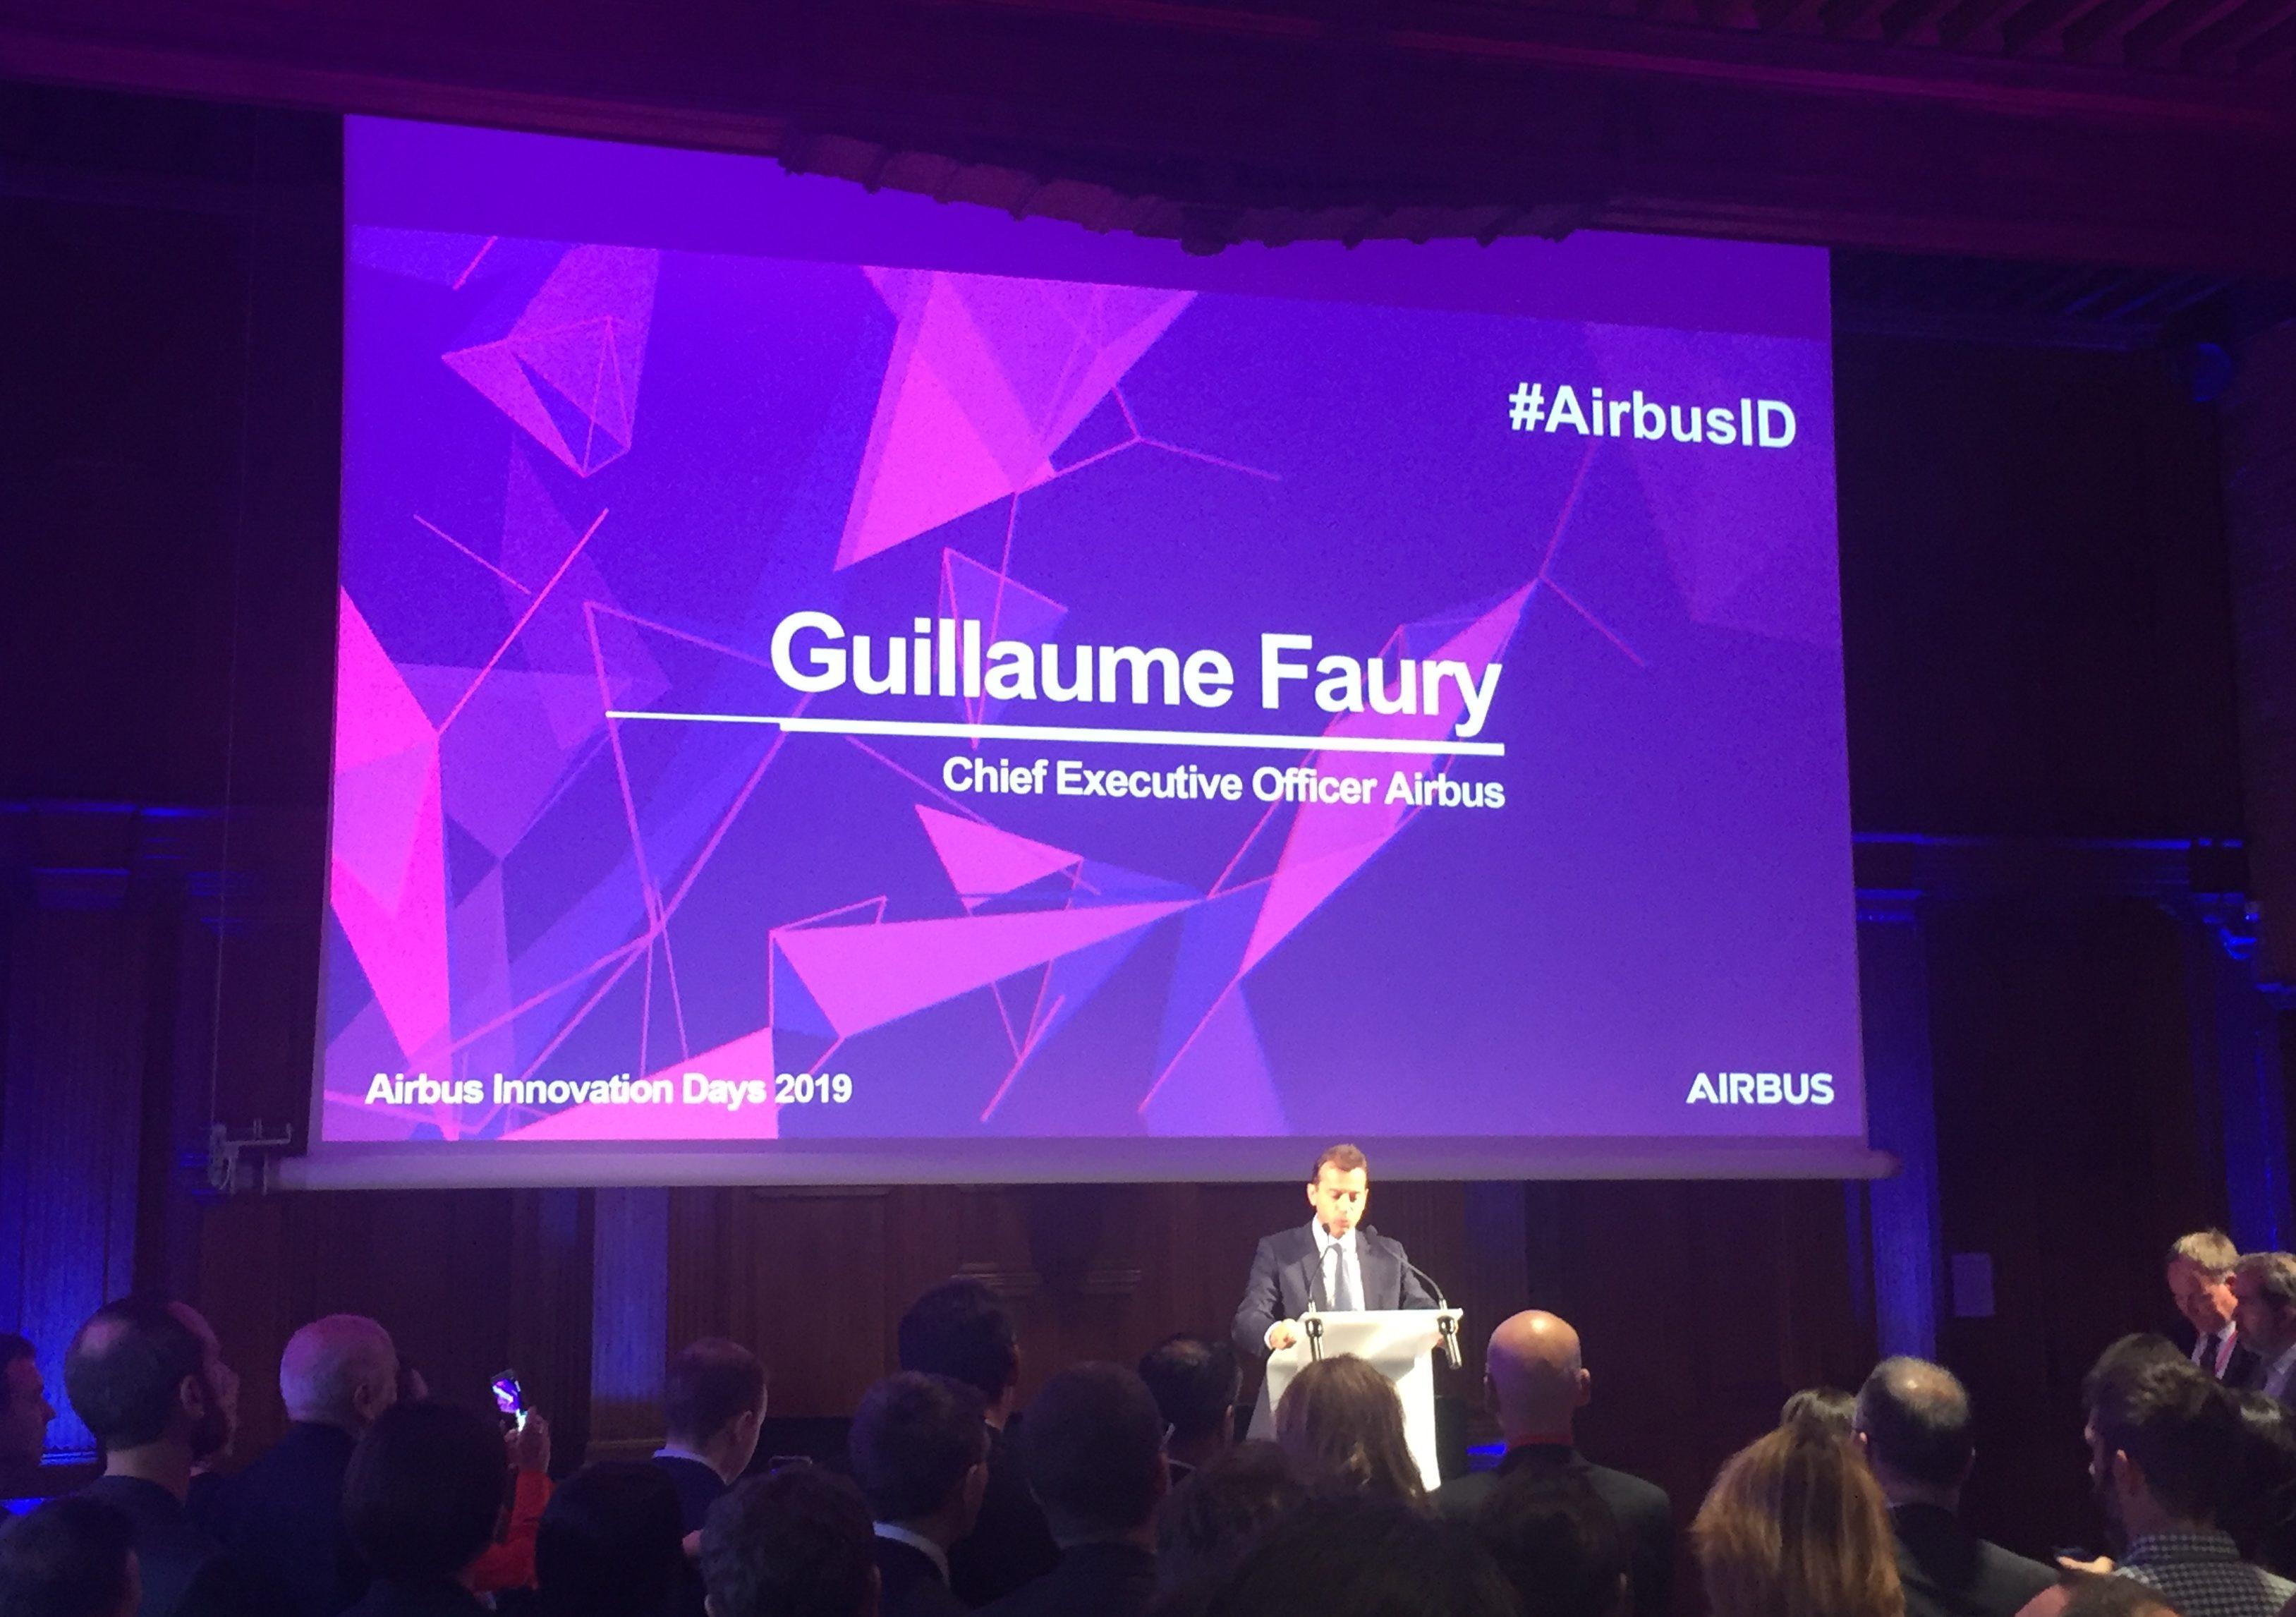 Airbus-koncernchef Guillaume Faury på scenen   inden middagen på Hôtel-Dieu Saint-Jacques i Toulouse. Foto: Danny Longhi Andreasen